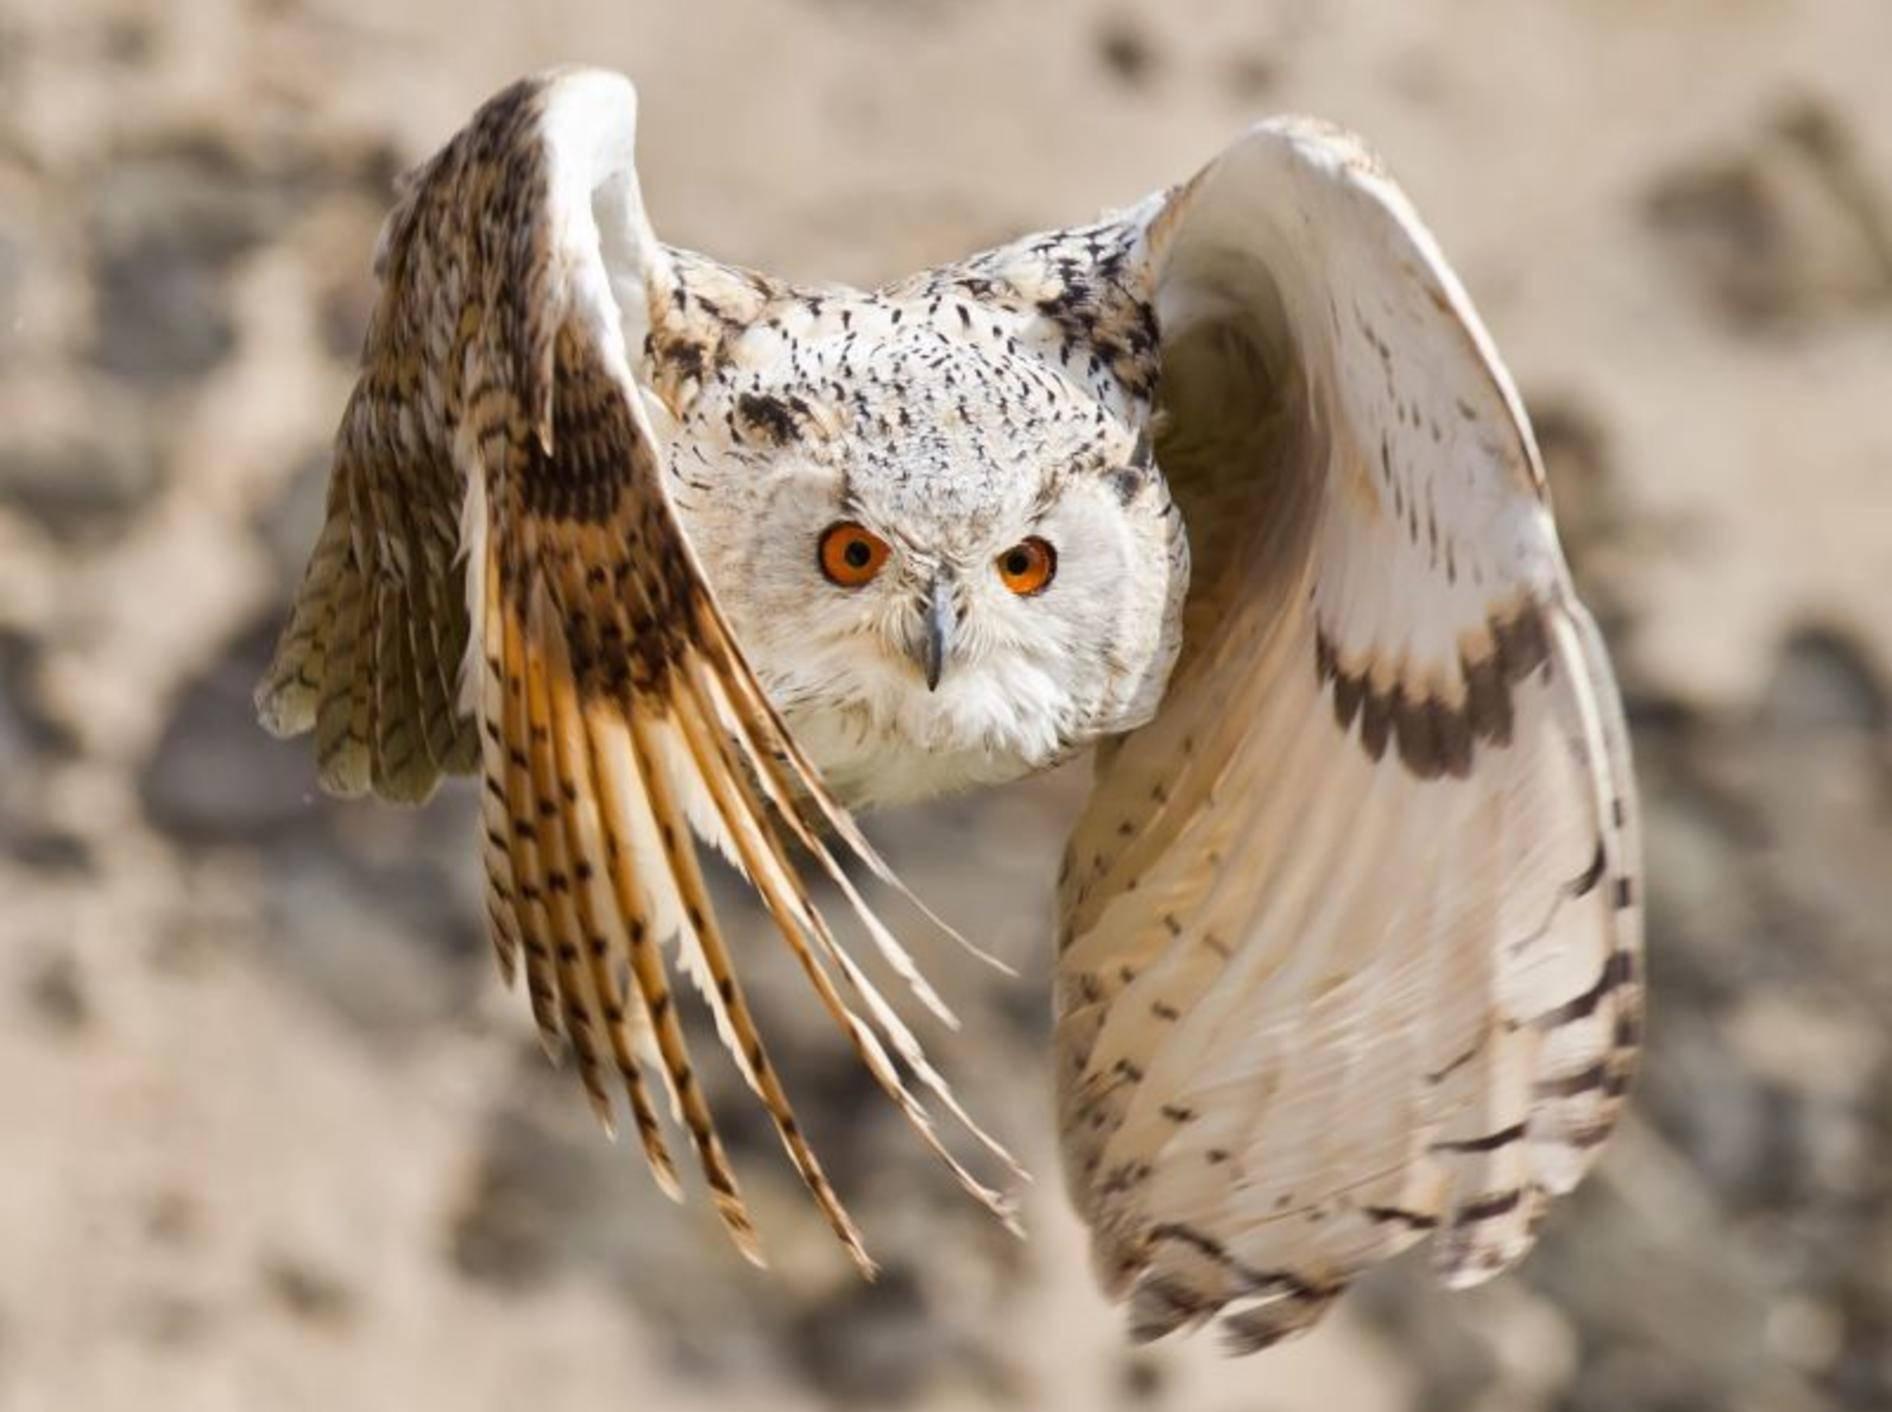 Eulen sind immer ein Foto wert, weil... sie im vollen Flug einfach fantastisch aussehen — Bild: Shutterstock / Peter Schwarz